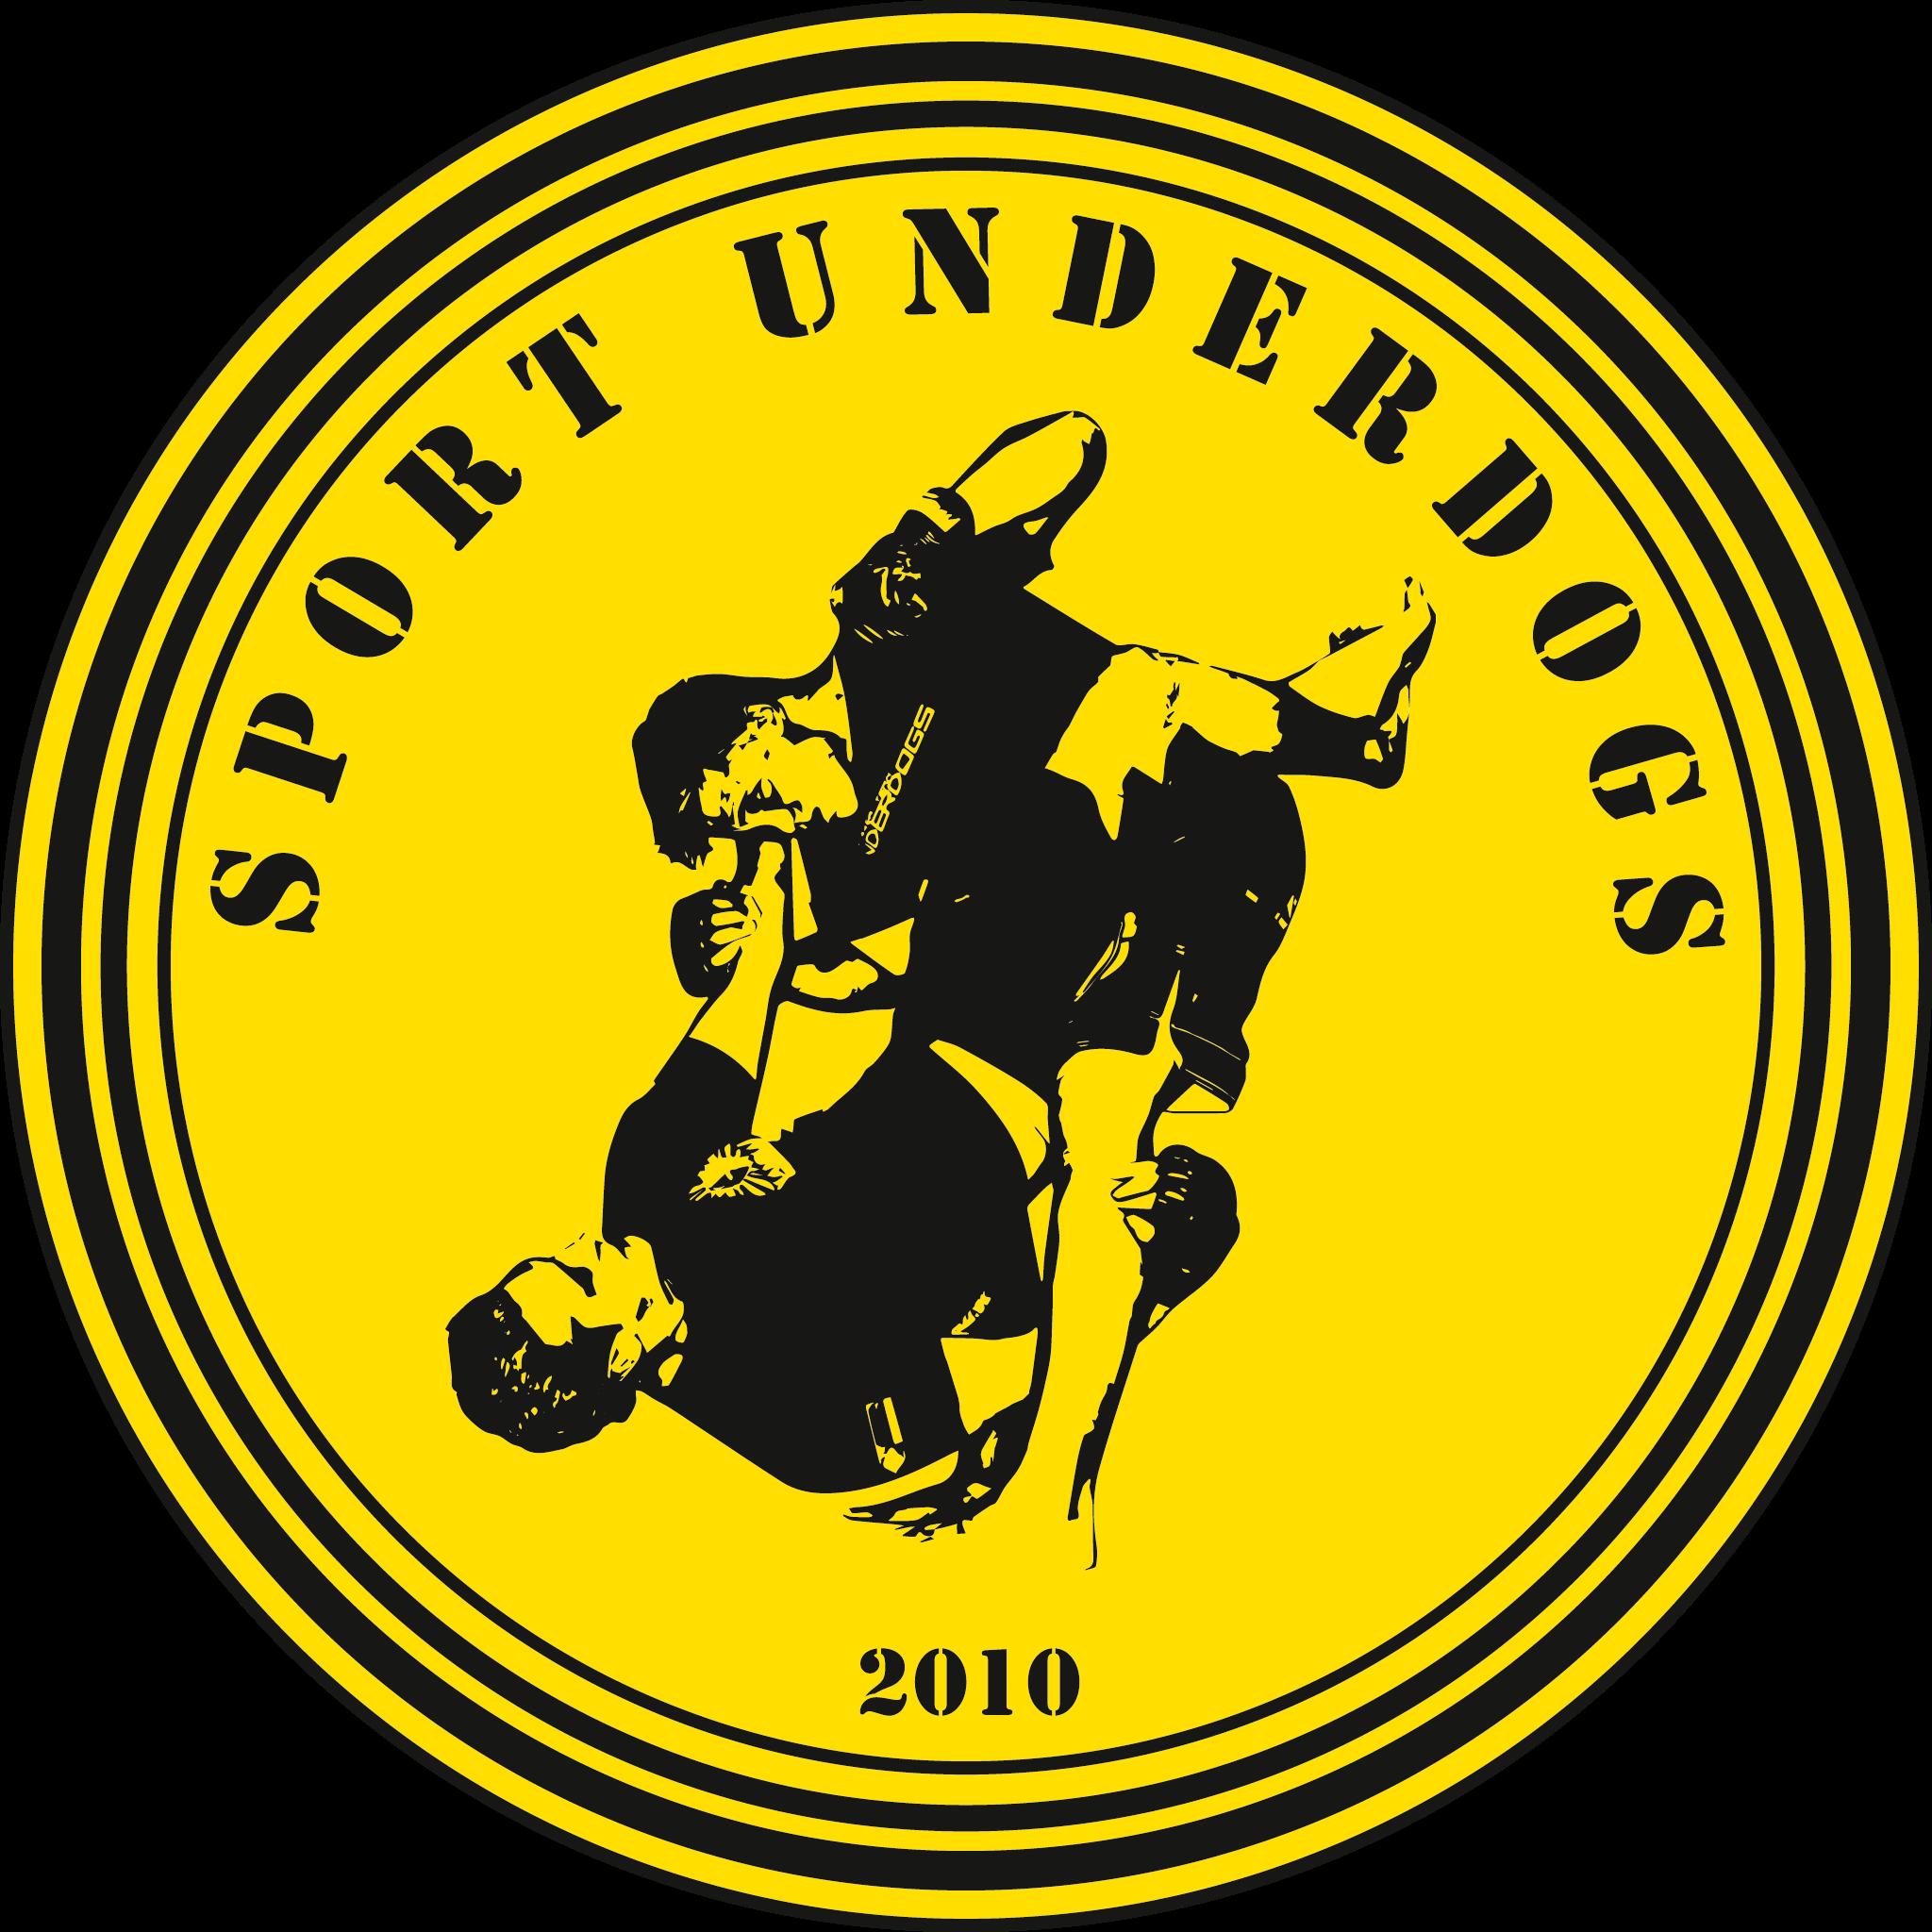 MMA Sportschule Sport Underdogs, Trainer Andreas  Schumacher